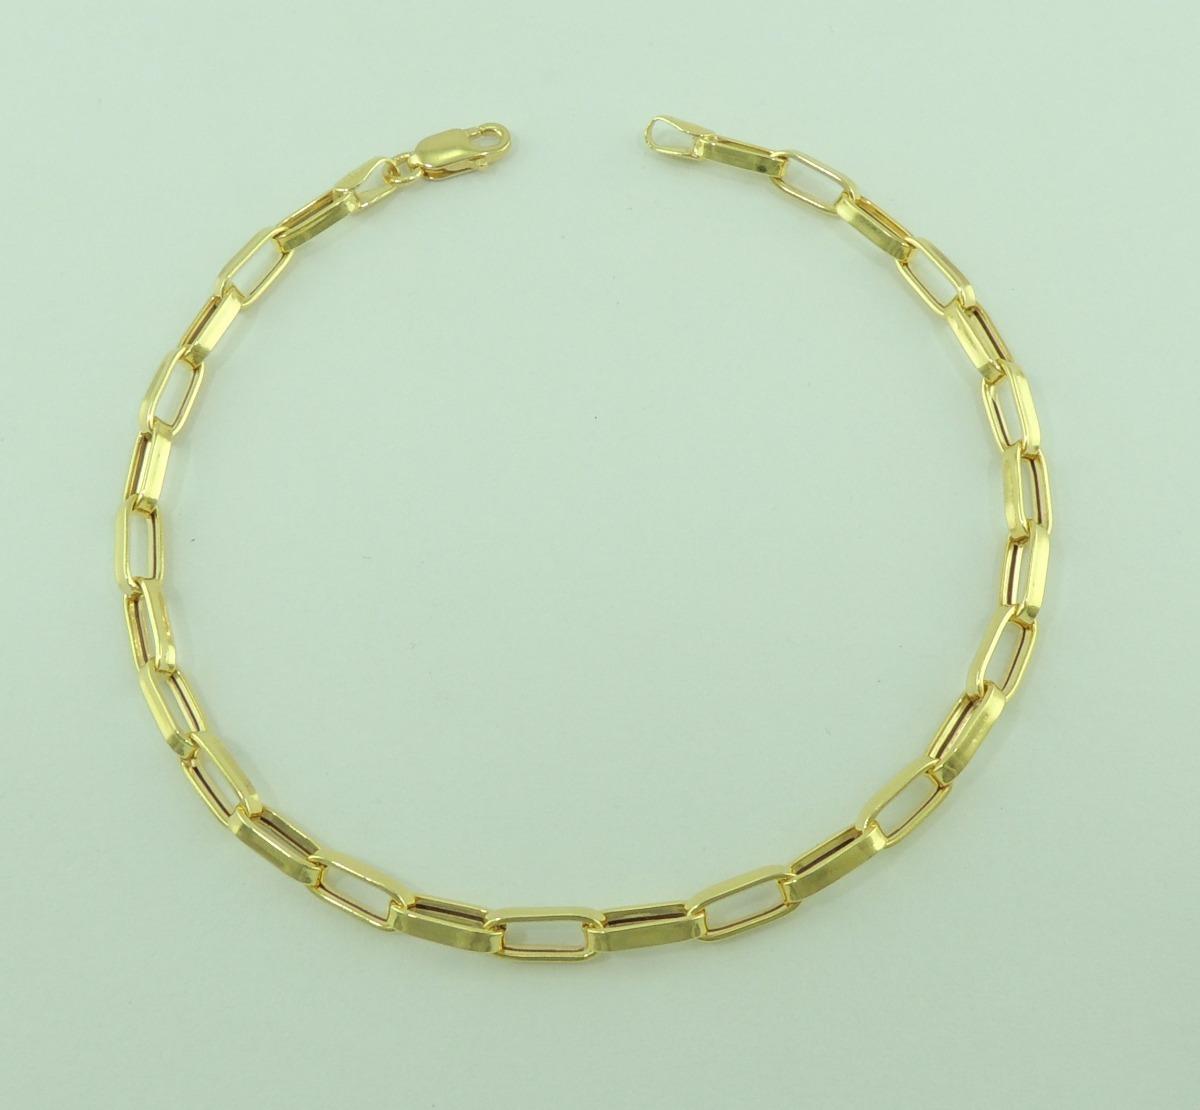 59aca639985 pulseira masculina cartier 20 cm ouro 18k 750 lançamento. Carregando zoom.